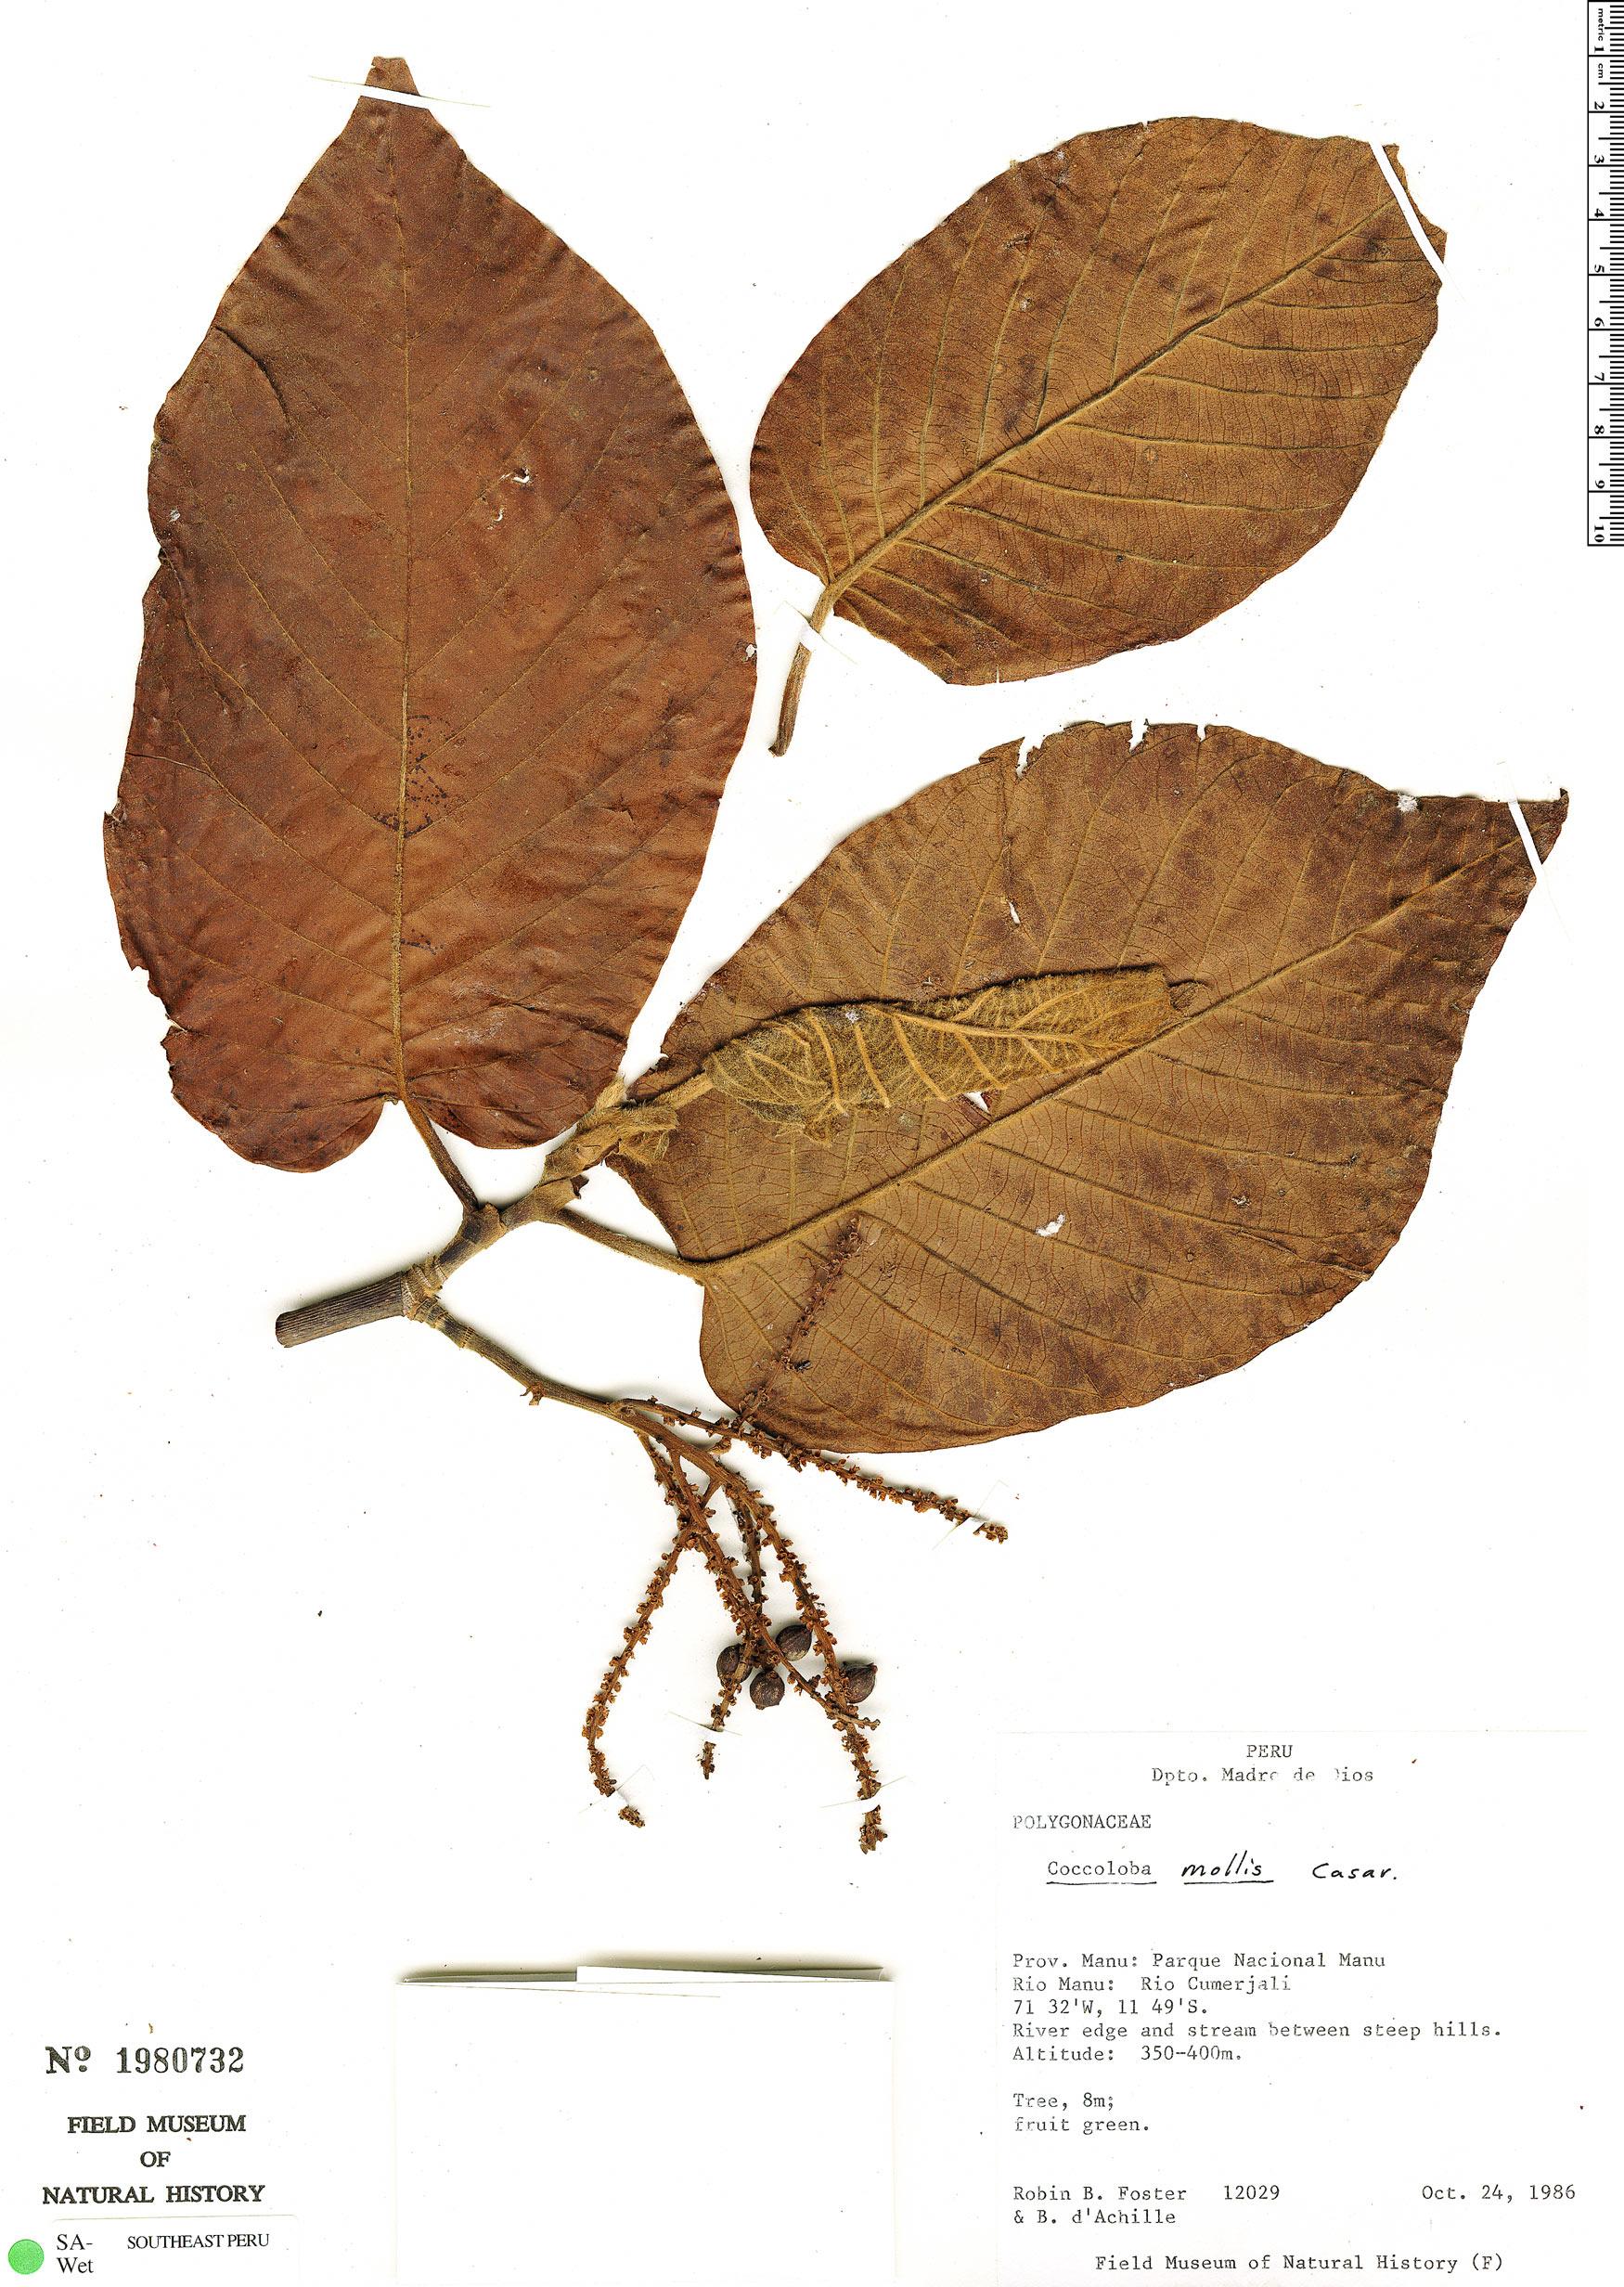 Espécime: Coccoloba mollis